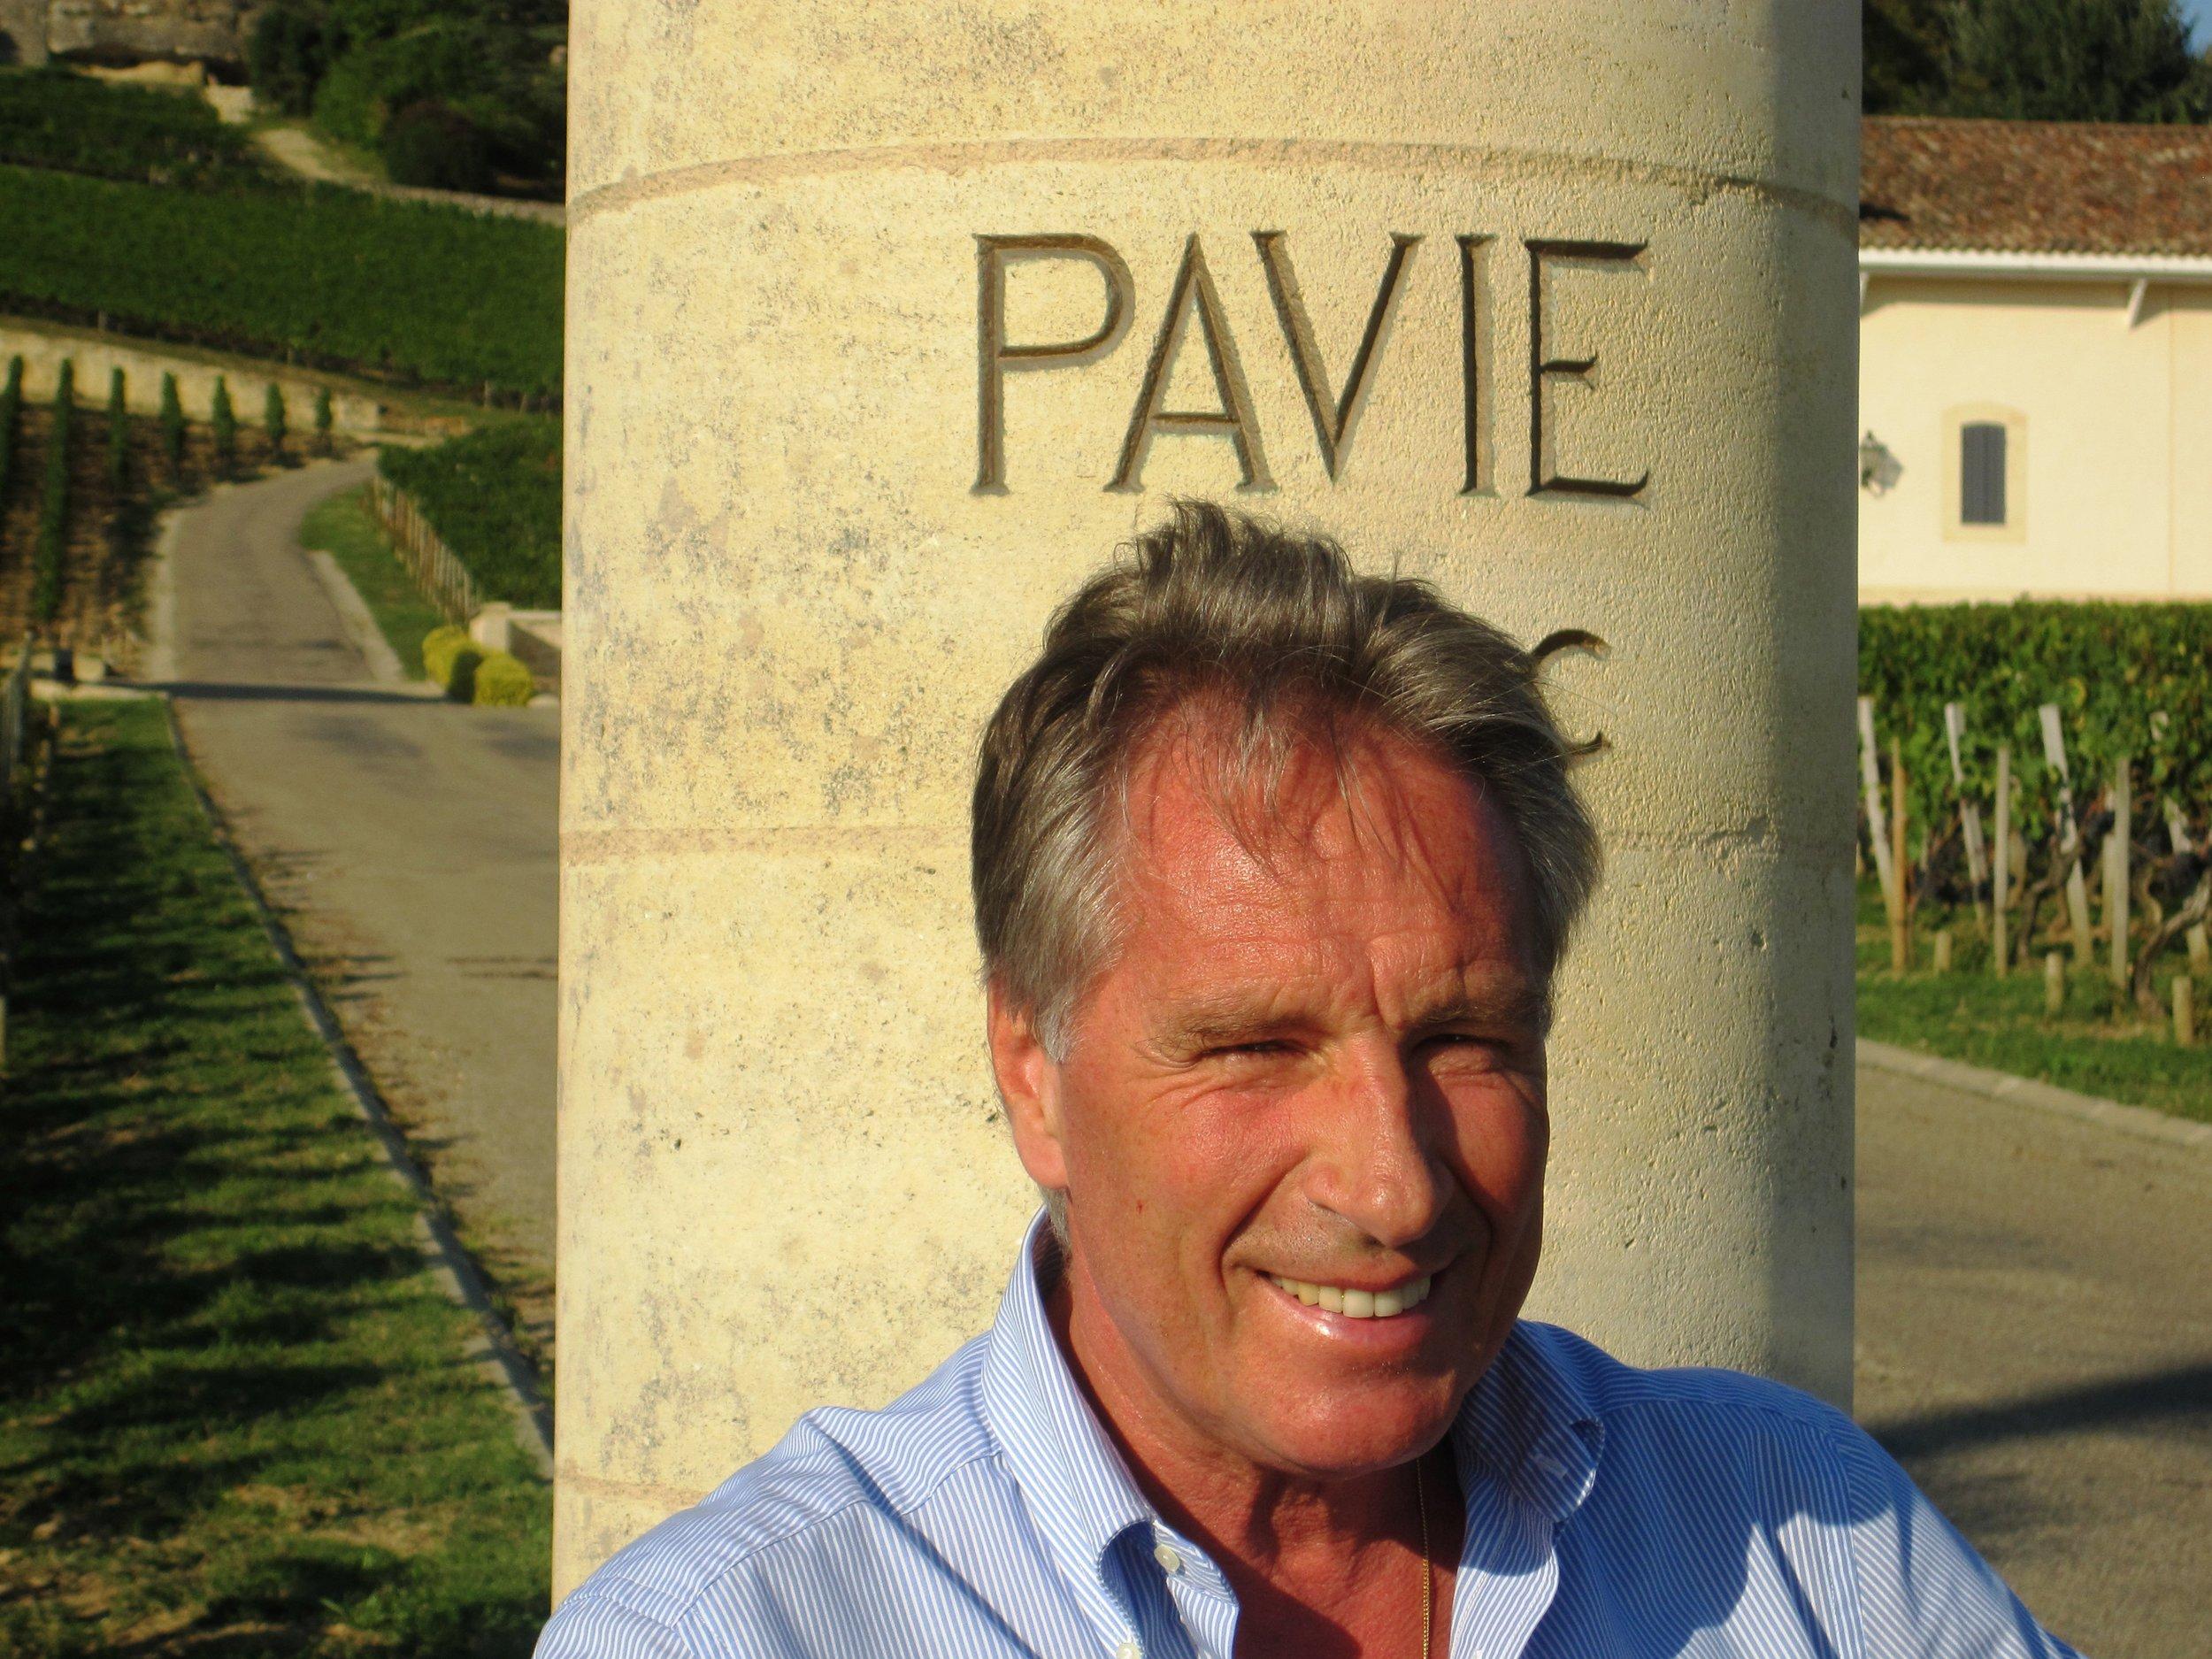 Pavie-pic.jpg